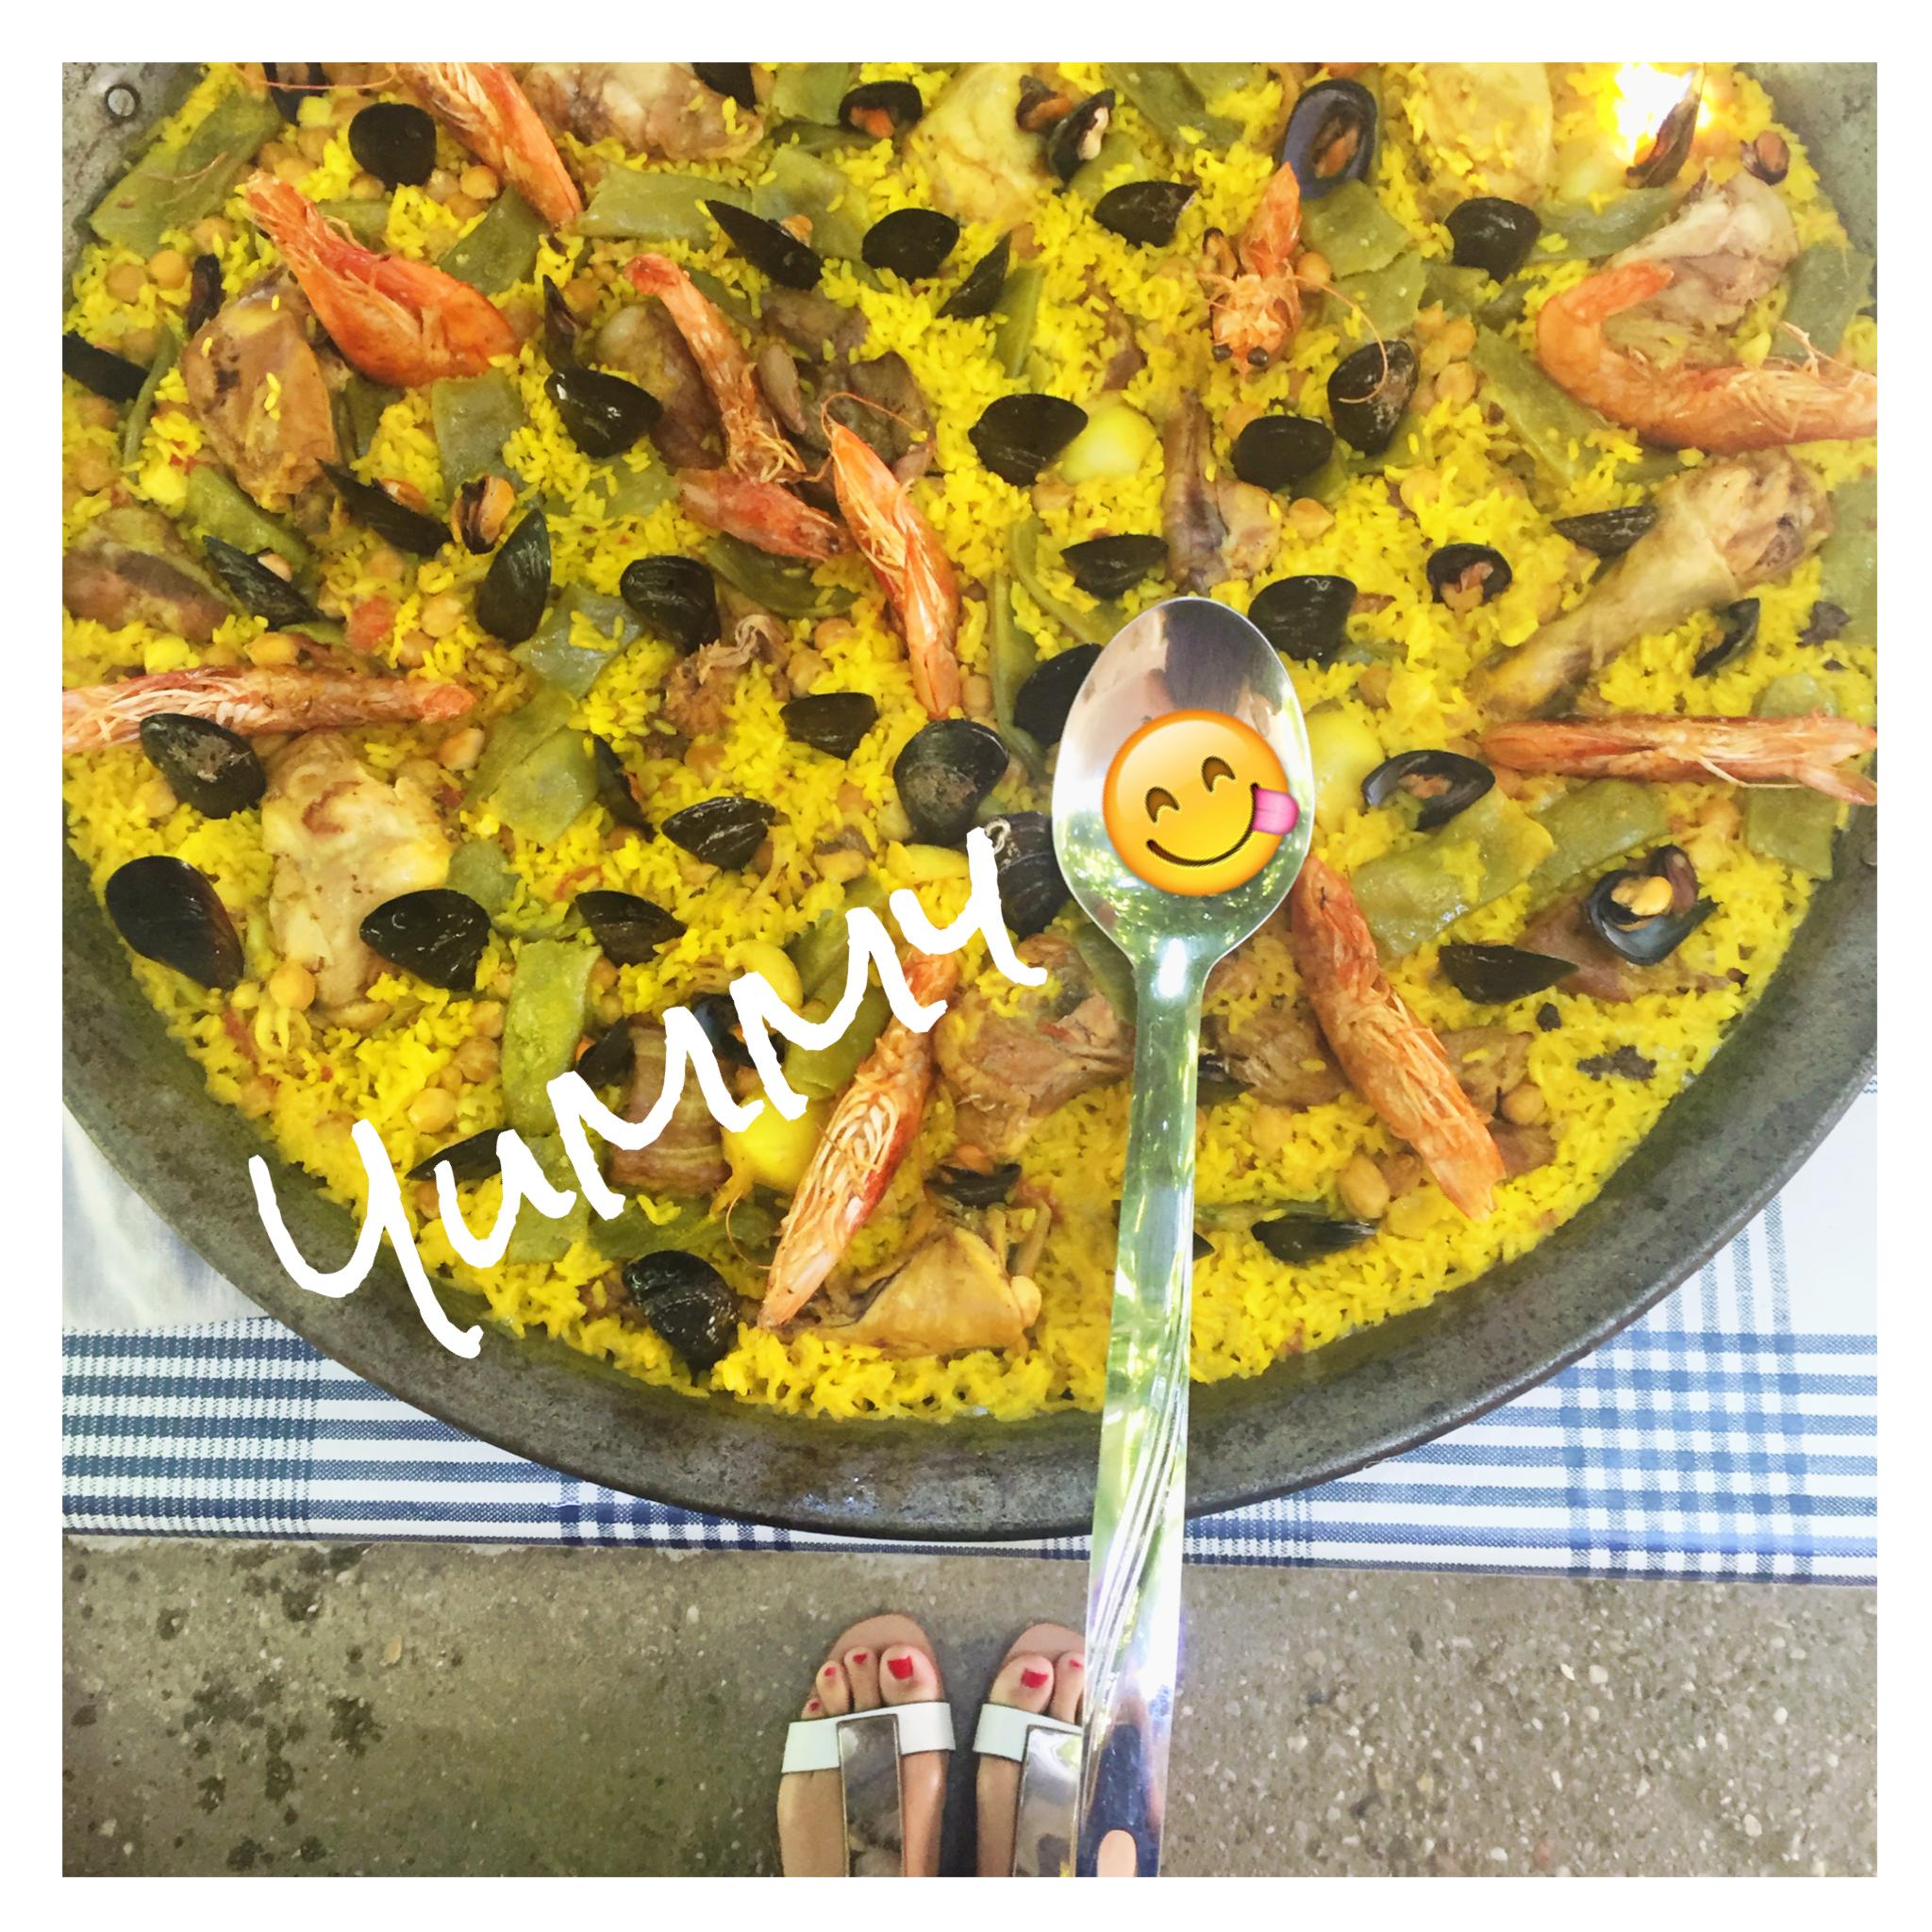 La VRAI paella – yummy